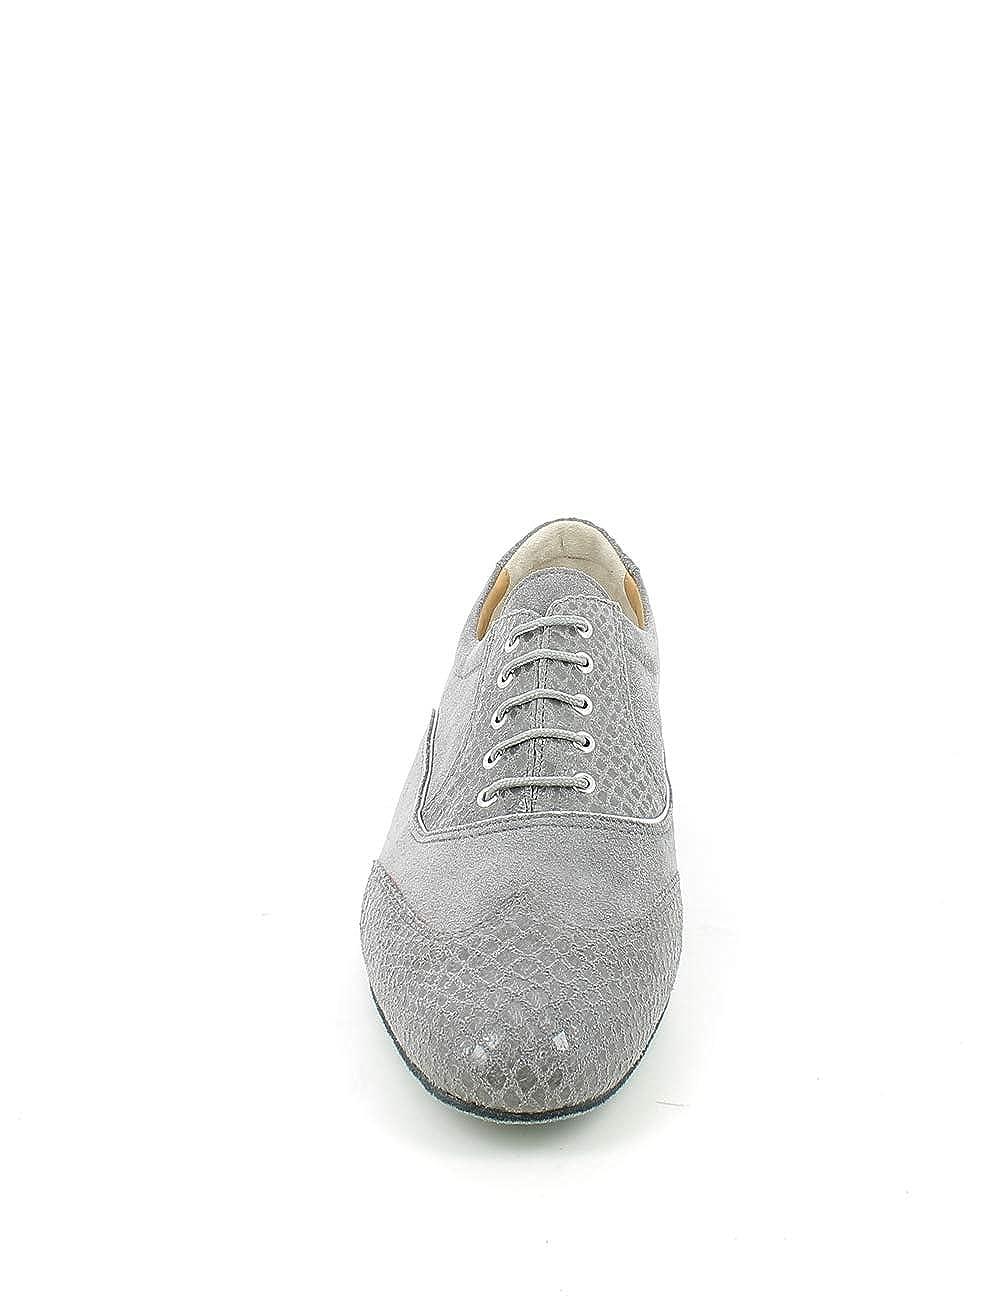 L'ANGOLO CALZATURE  Damen Tanzschuhe Grau grau grau grau ca77a5